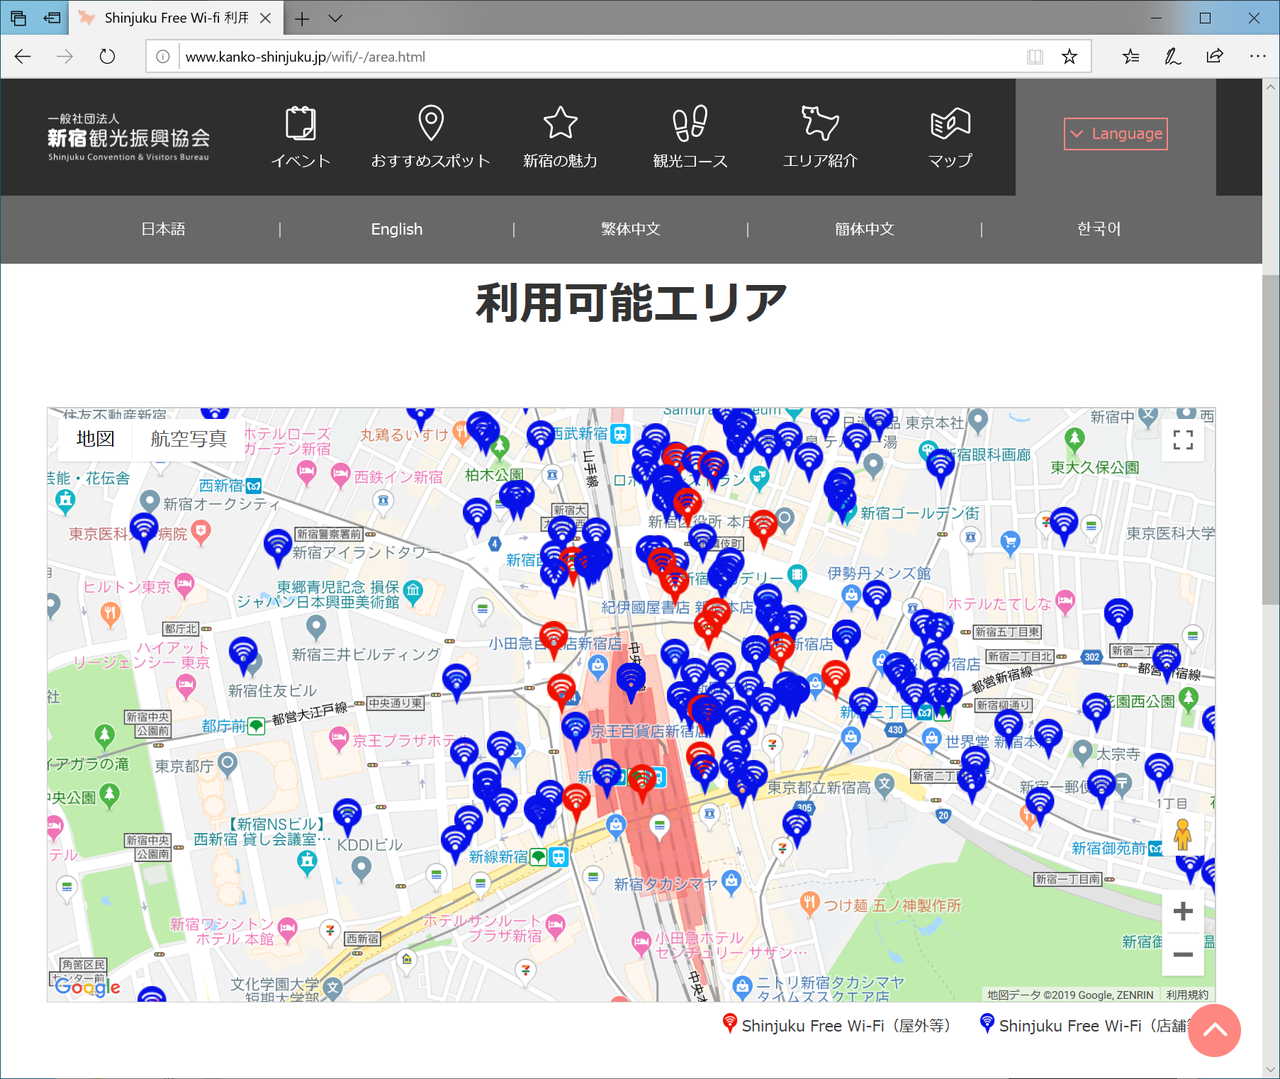 """新宿区の街中で利用できる「<a href=""""http://www.kanko-shinjuku.jp/wifi/-/index.html"""" class=""""strong bn"""" target=""""_blank"""">Shinjuku Free Wi-Fi</a>」"""